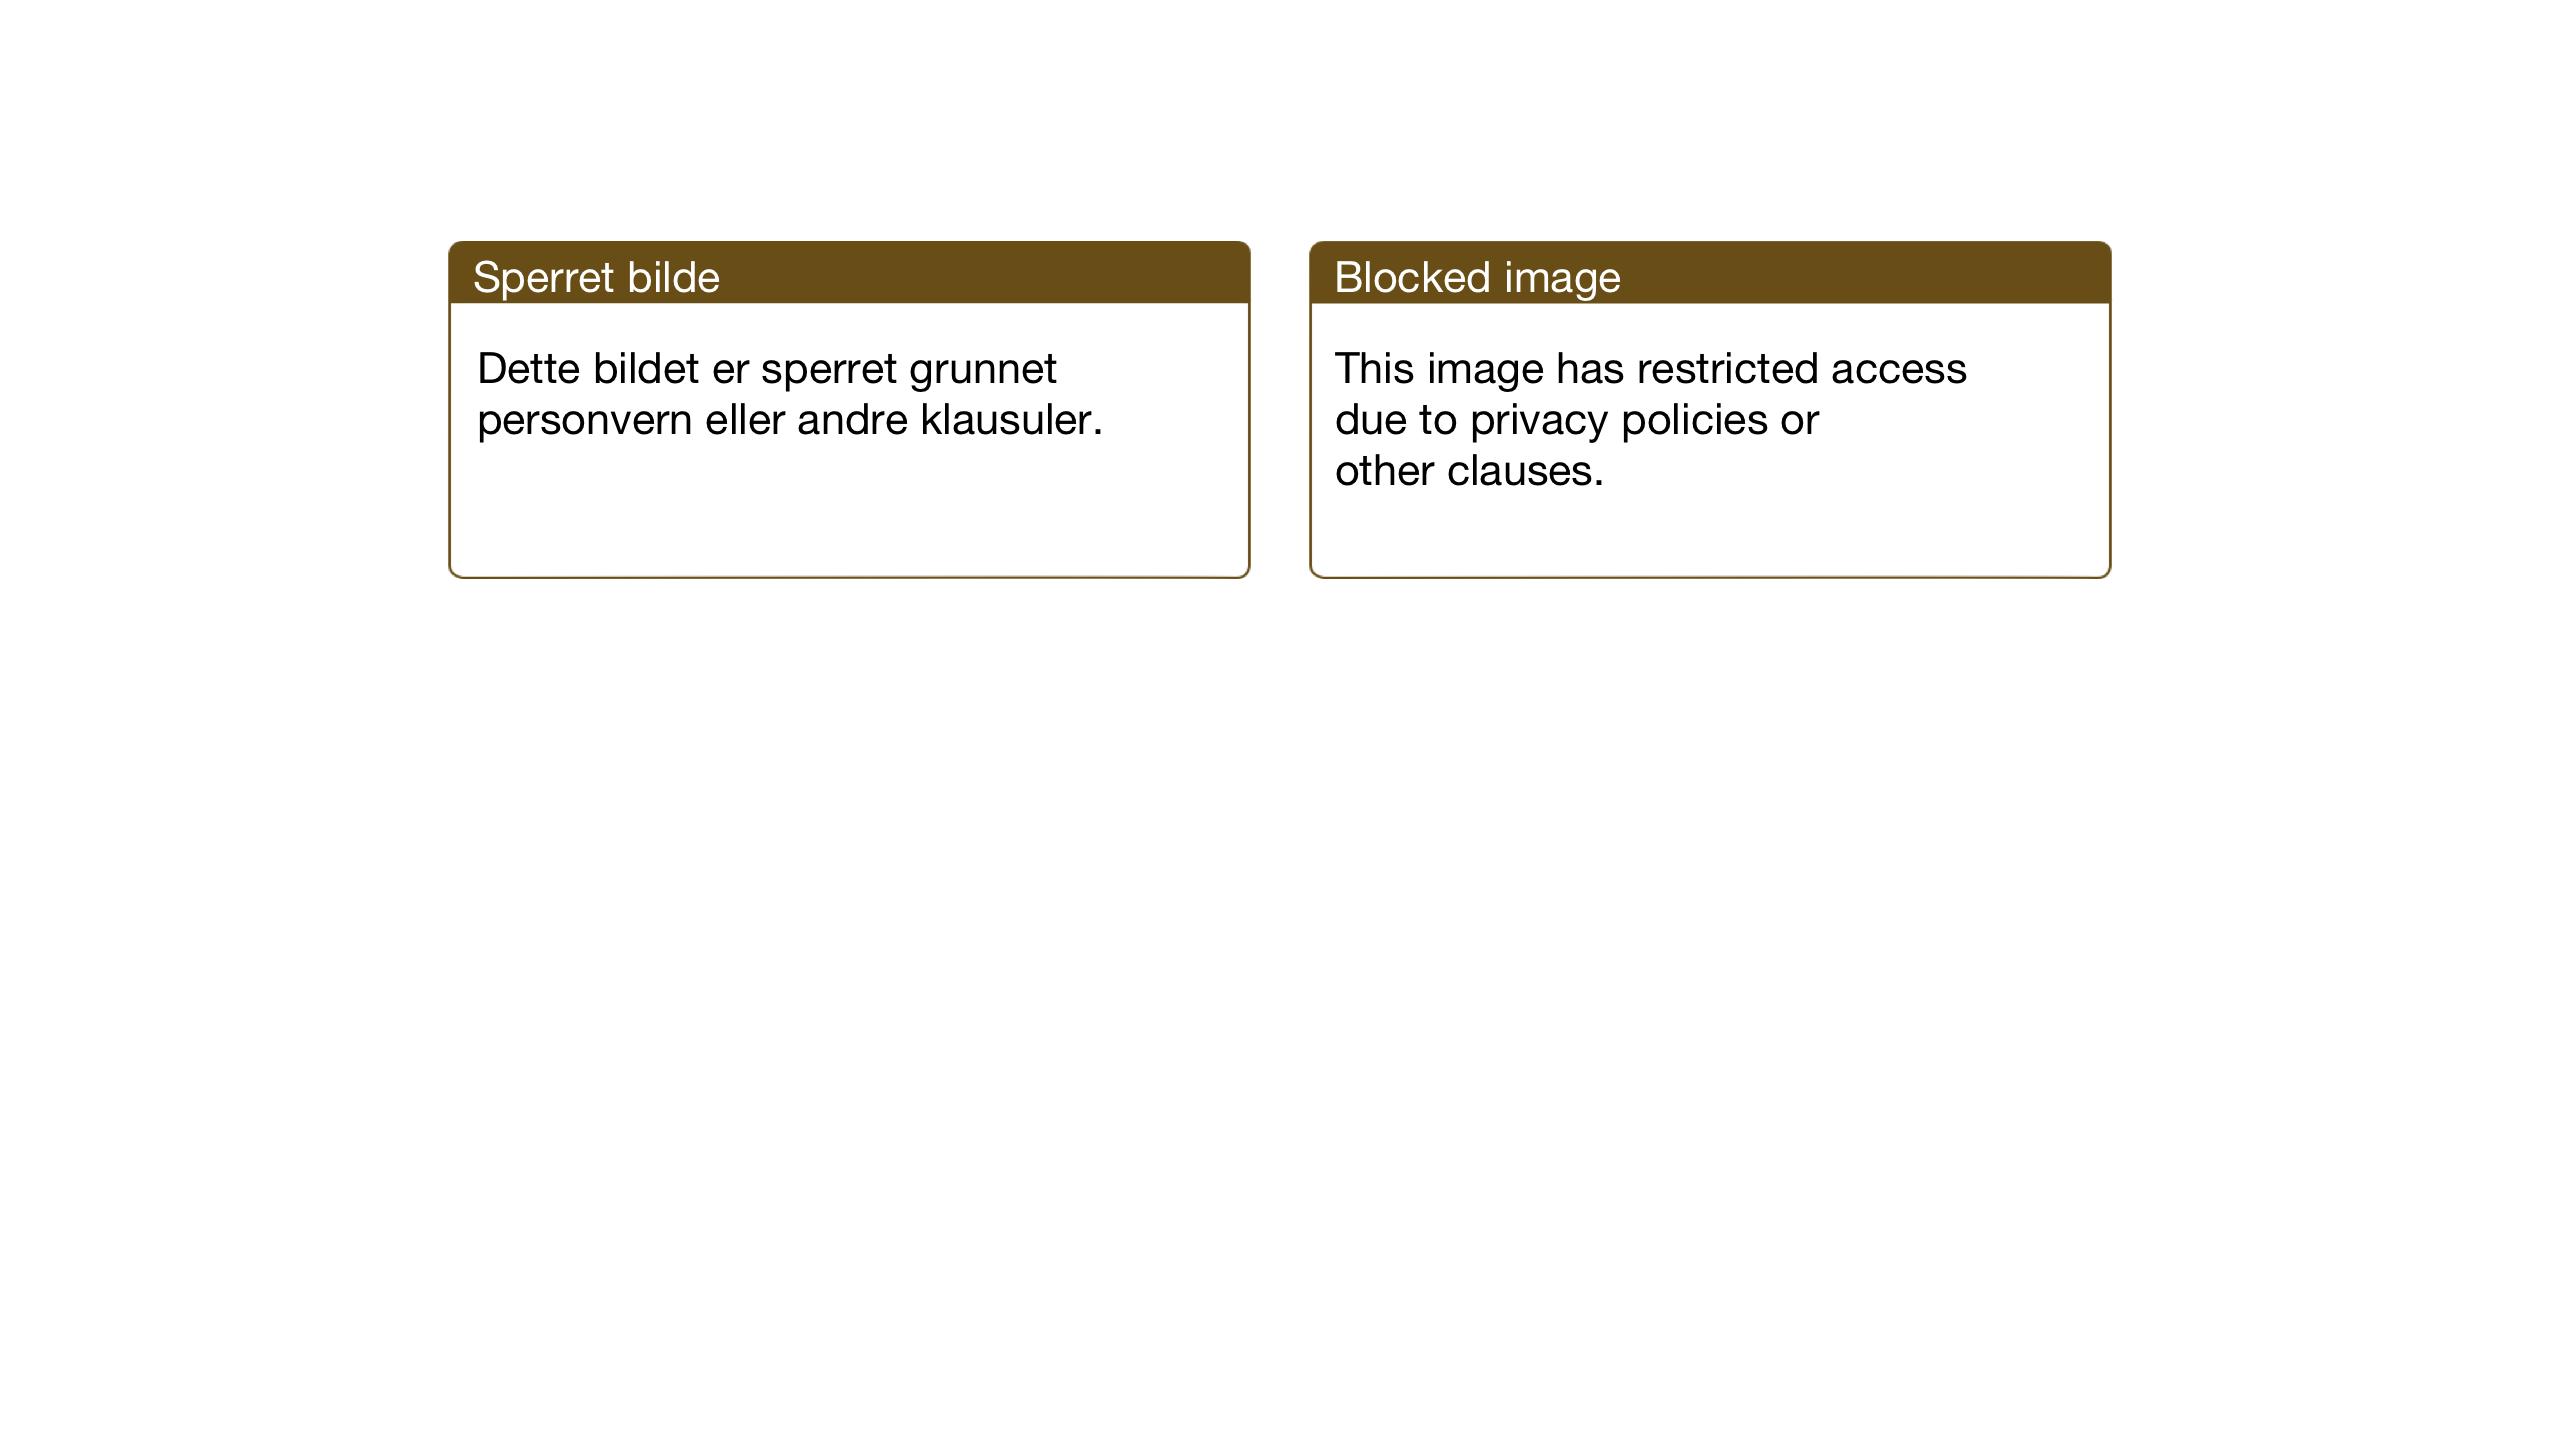 SAT, Ministerialprotokoller, klokkerbøker og fødselsregistre - Sør-Trøndelag, 674/L0878: Klokkerbok nr. 674C05, 1941-1950, s. 29